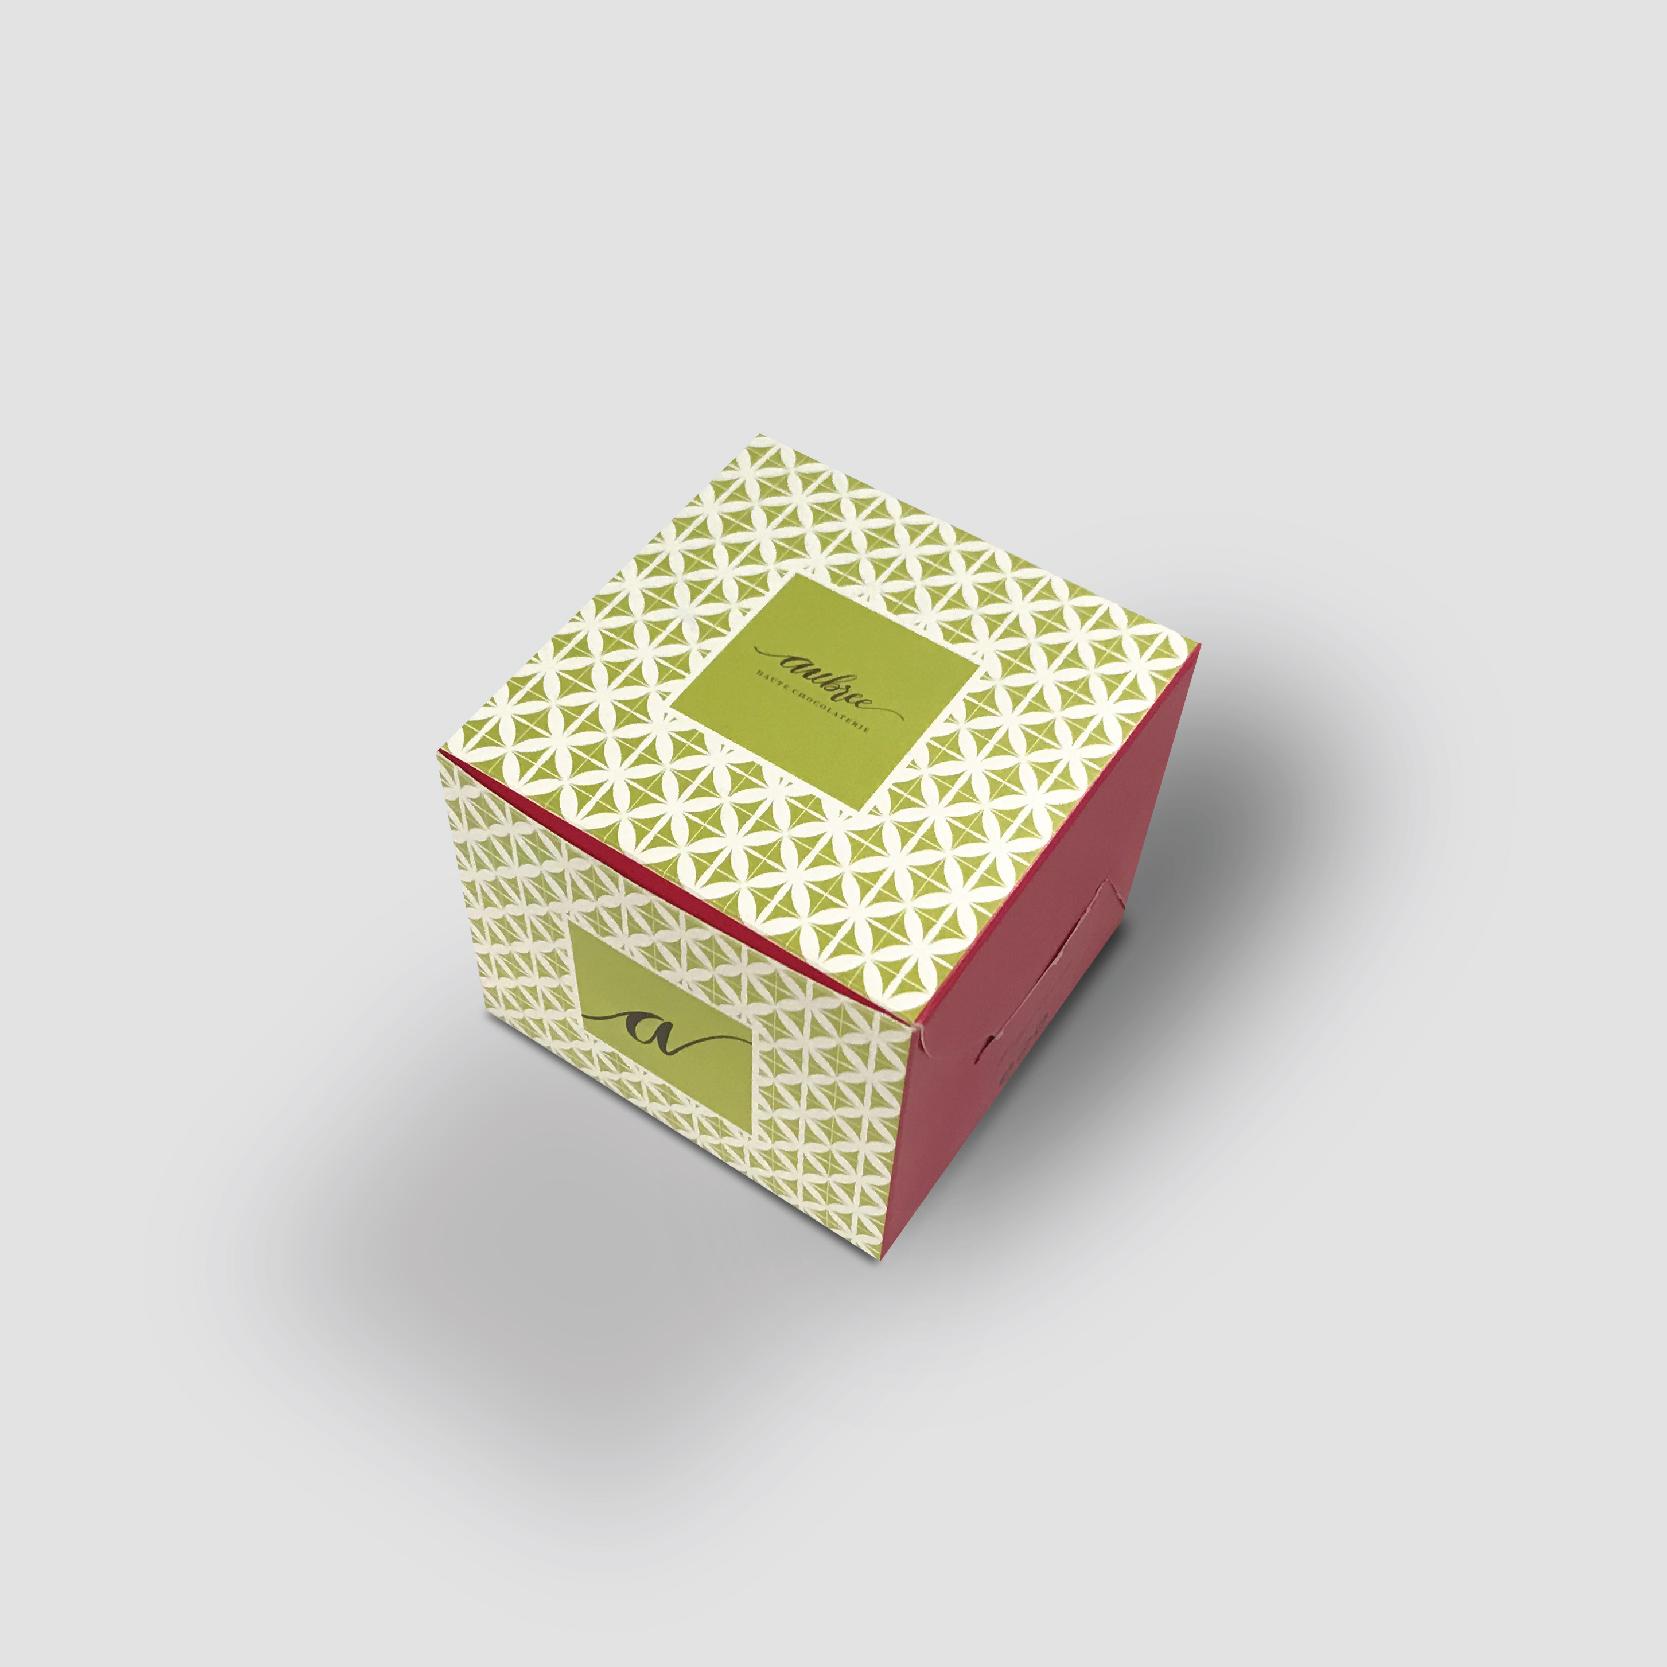 Bakery packaging - kreatica designs